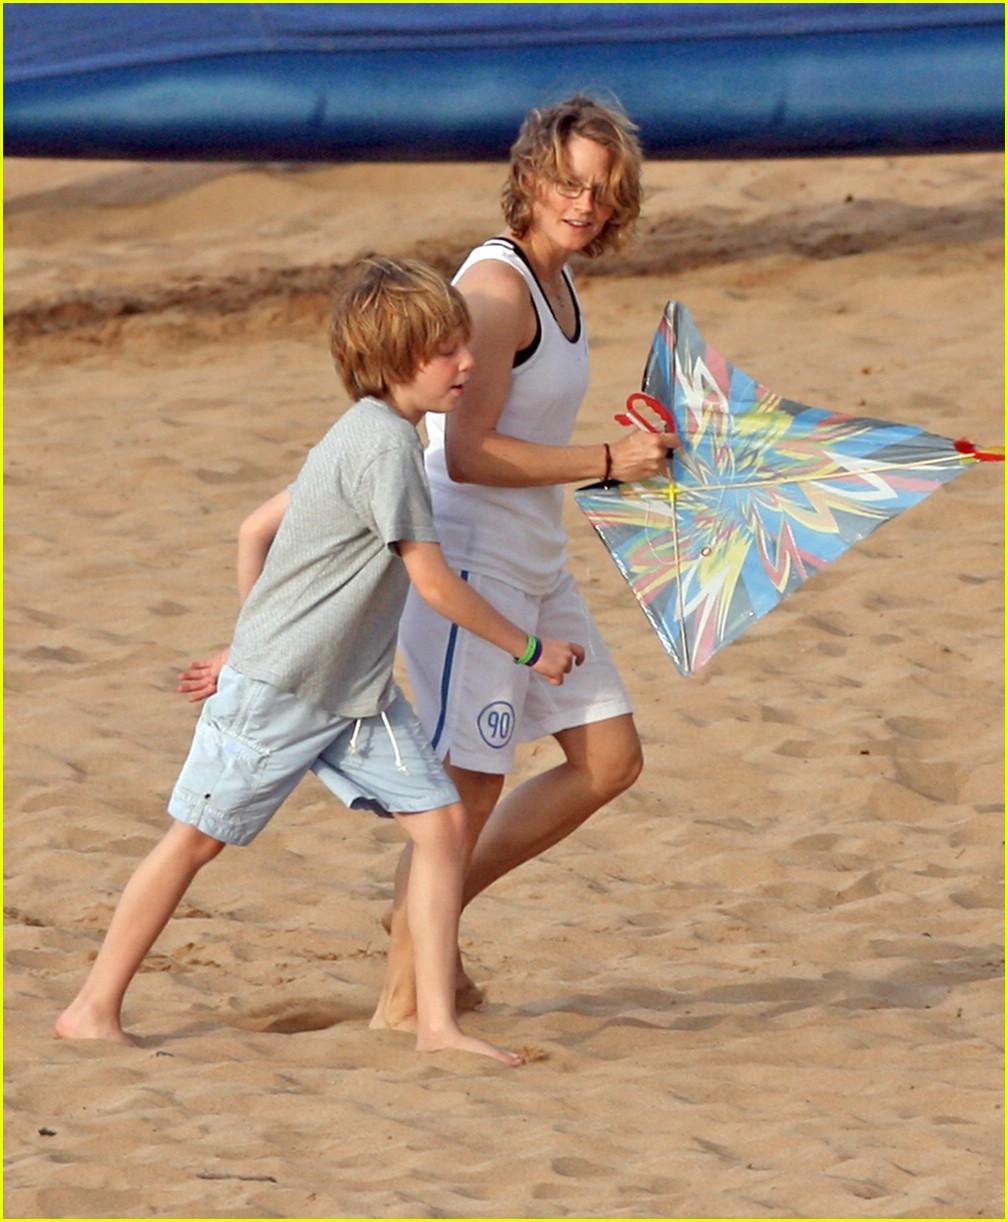 jodie foster kite 08